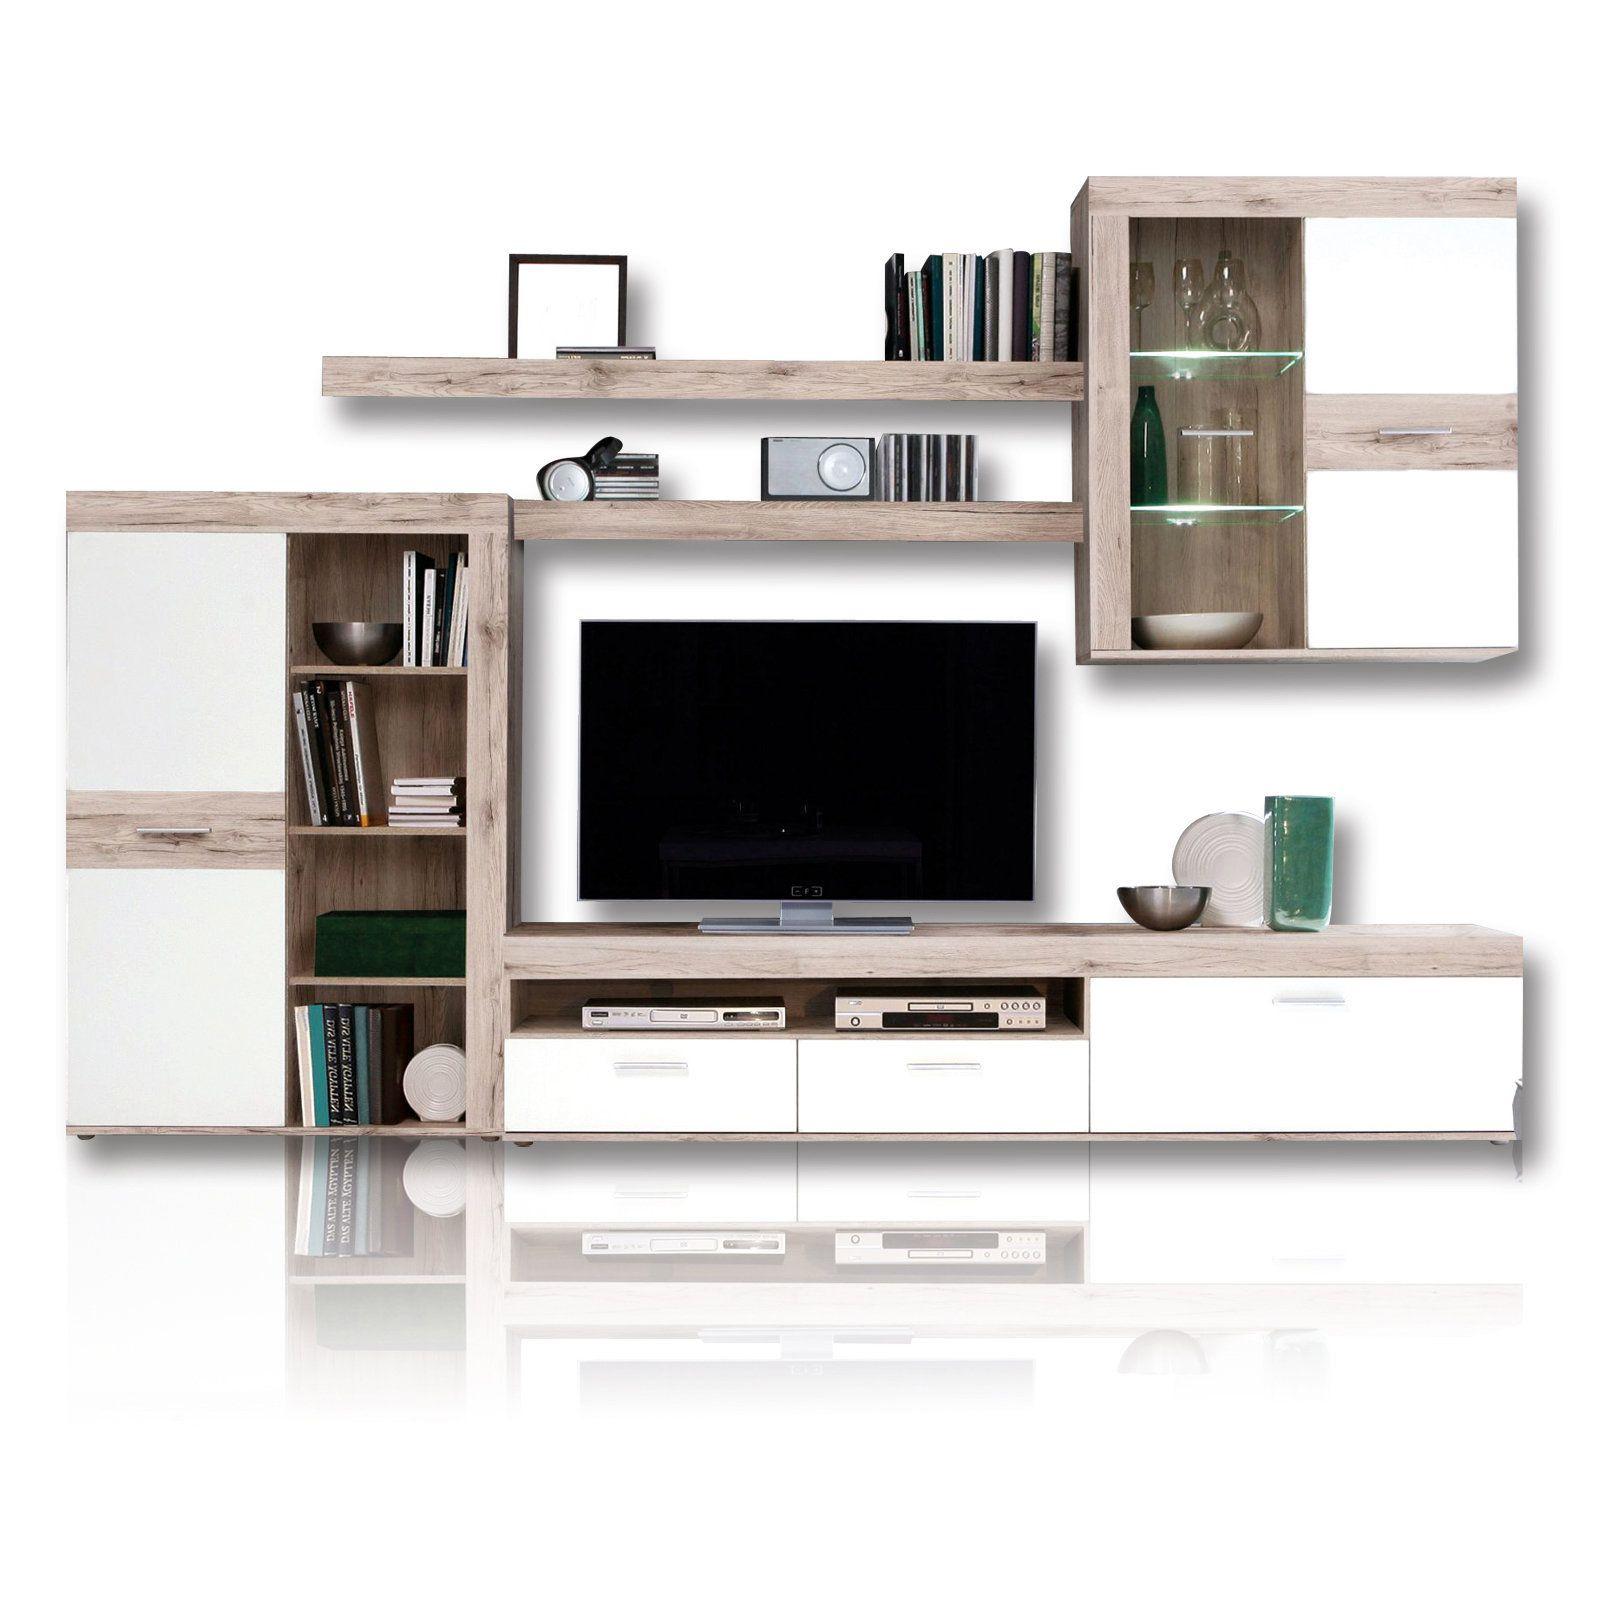 Wohnwand Zumba Led Beleuchtung Sandeiche Home Furniture